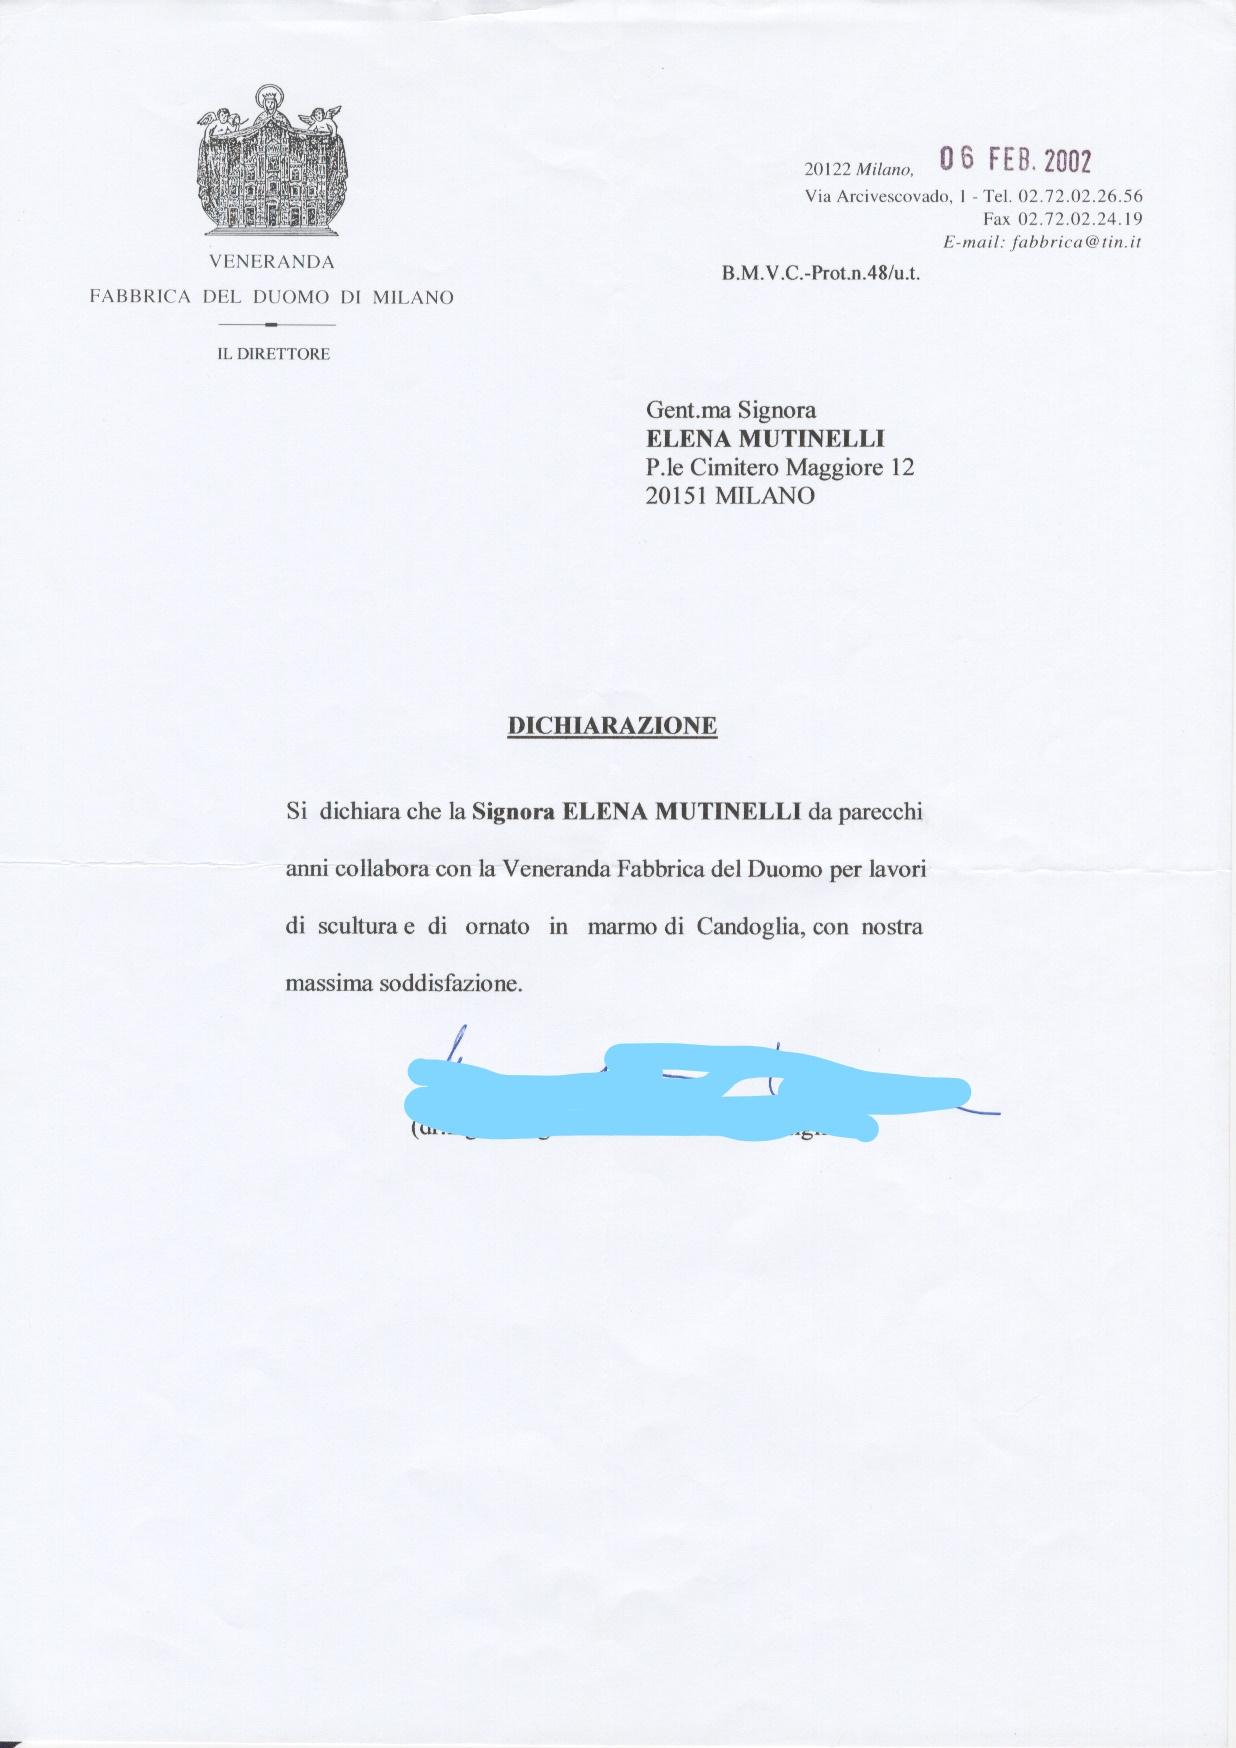 DICHIARAZIONE DUOMO MILANO